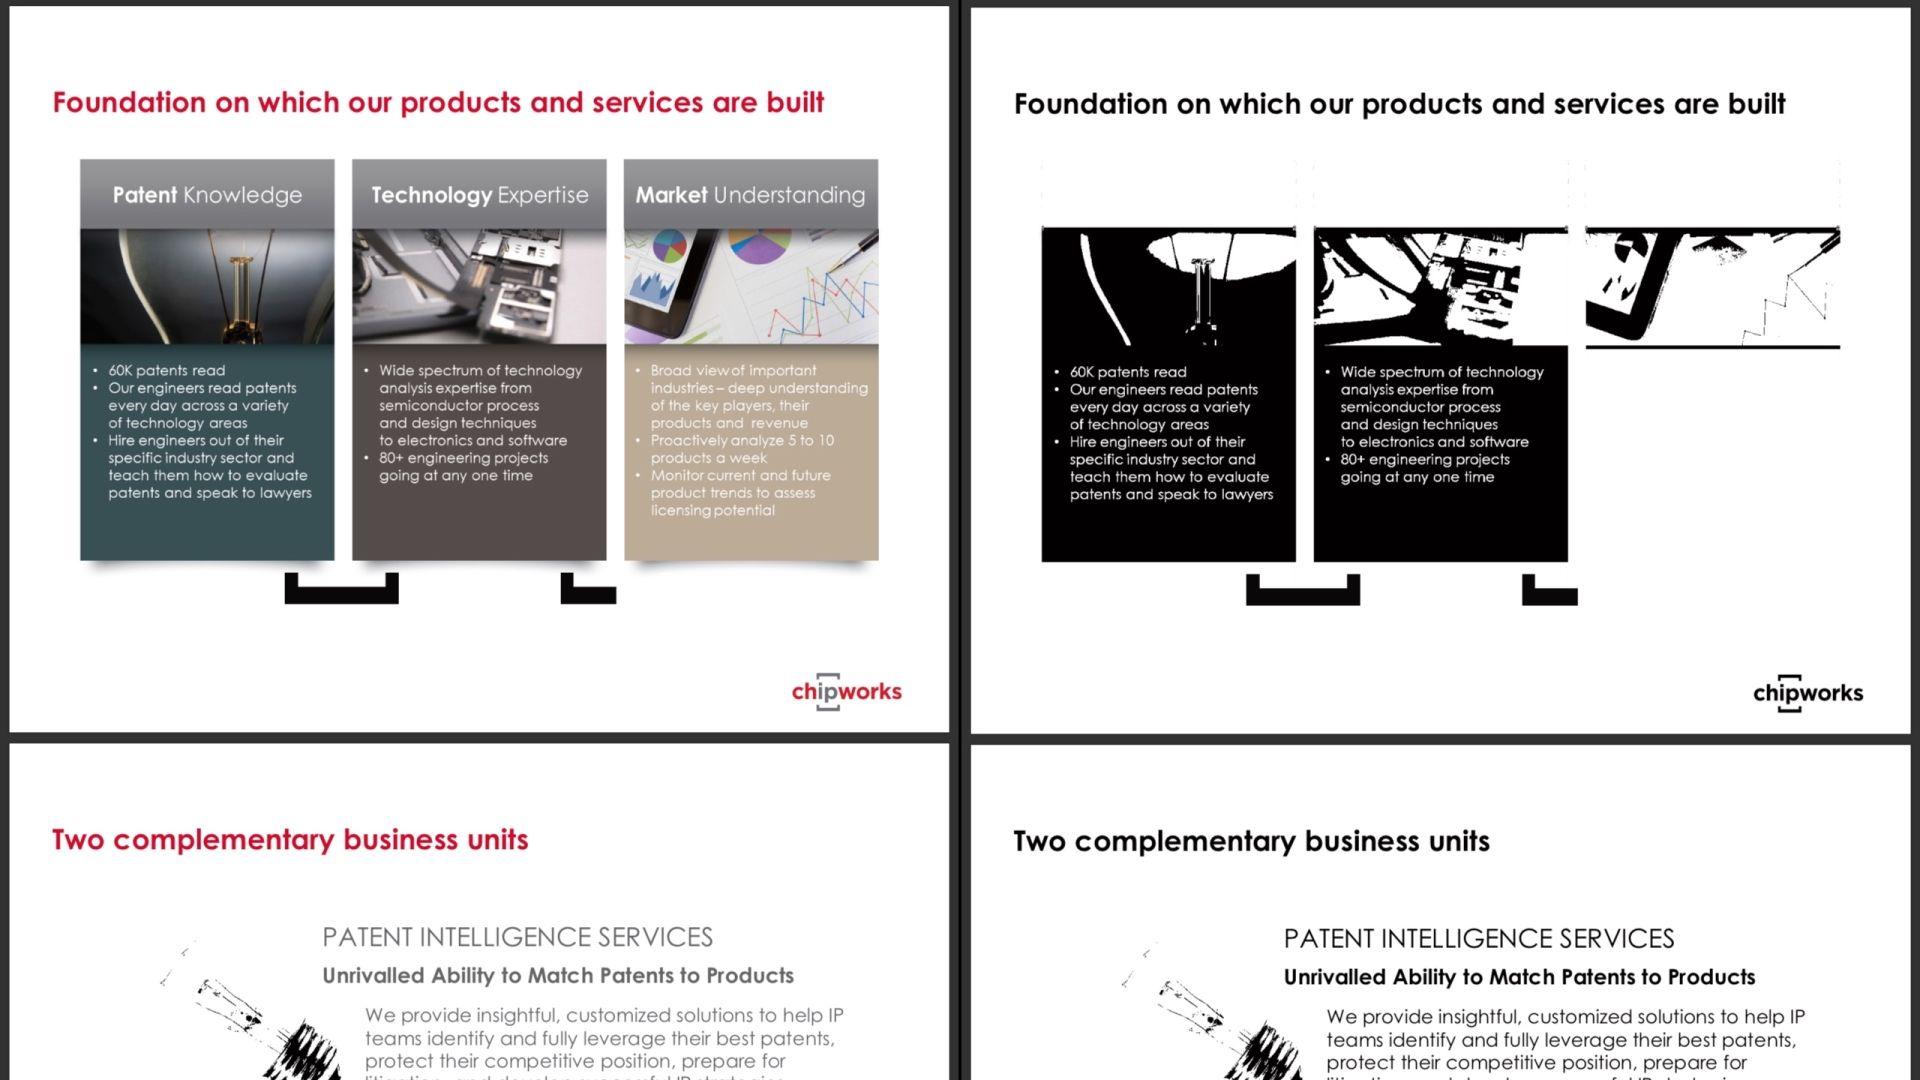 Jak przekonwertować kolorowy plik PDF na czarno-biały w aplikacji Podgląd?